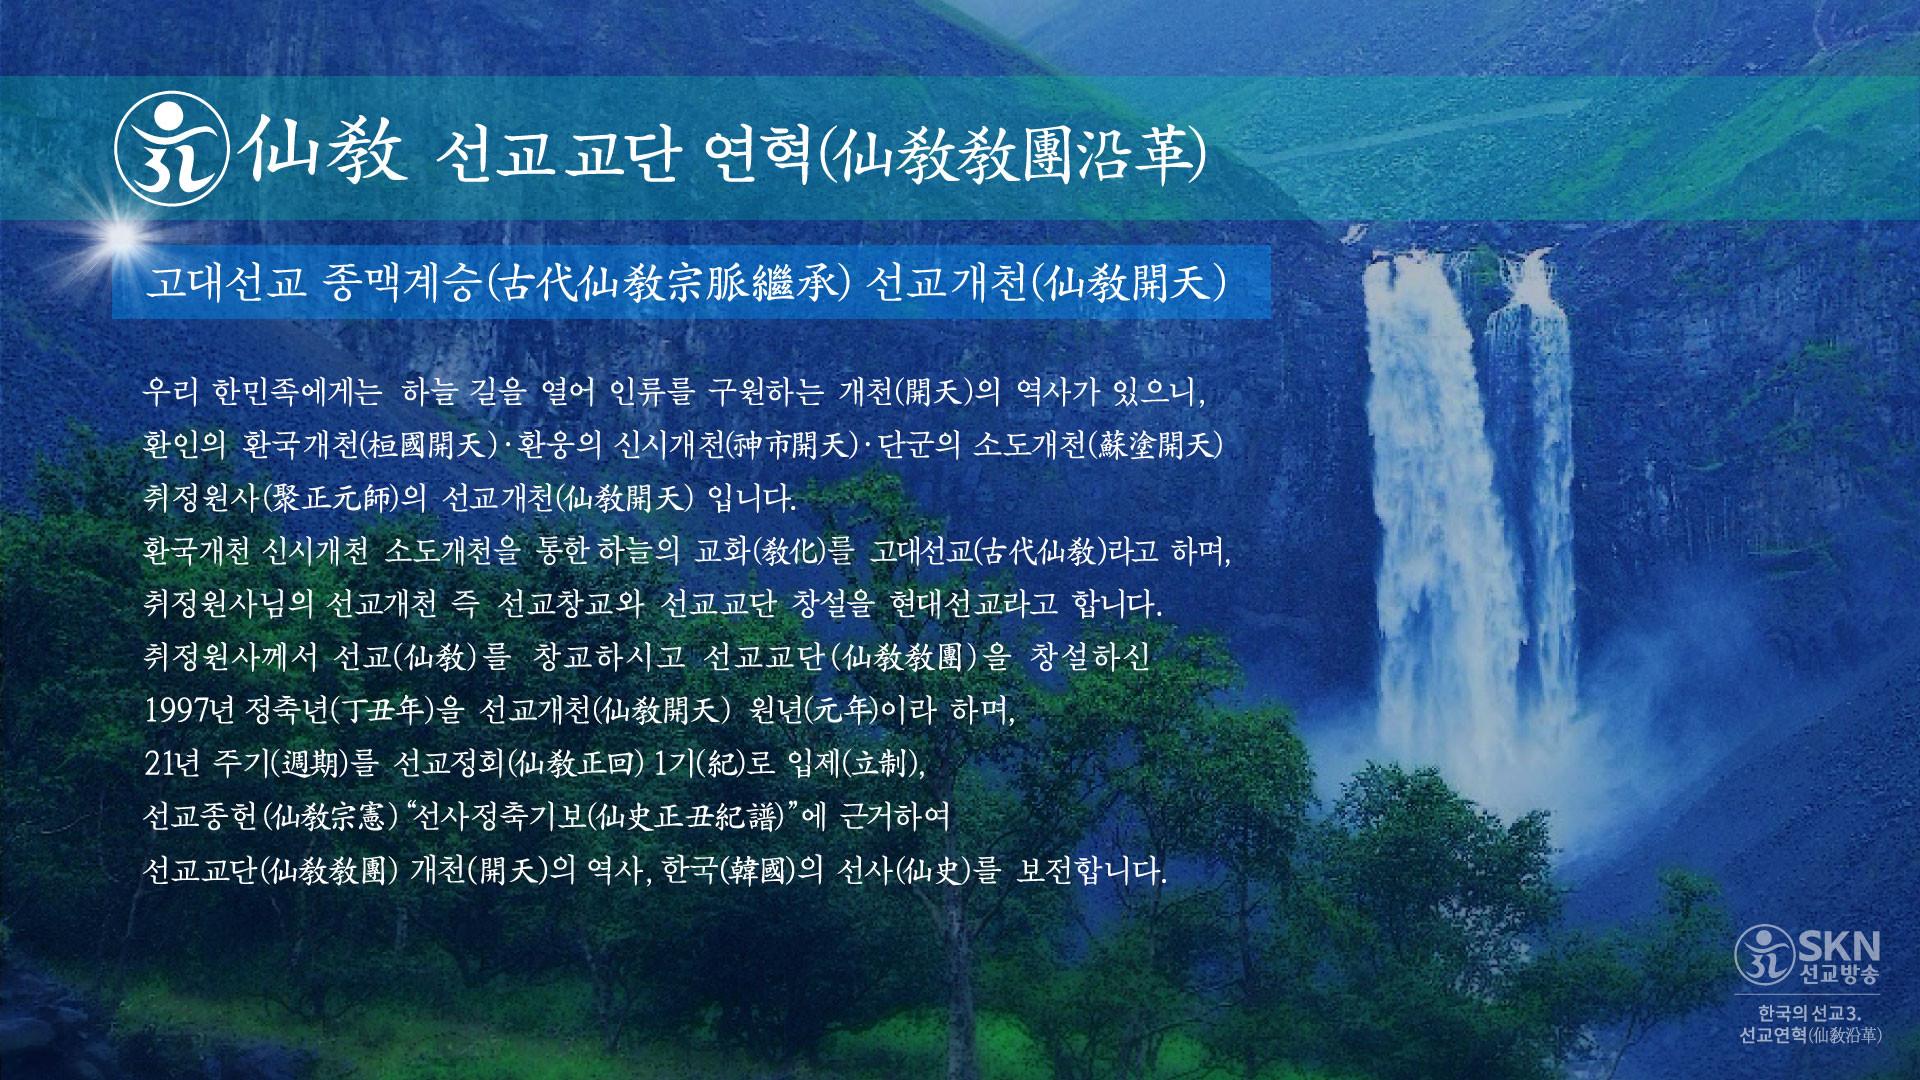 취정원사, 민족종교 선교, 한국의 선교, 仙敎, 한국의 선교, 선교개천